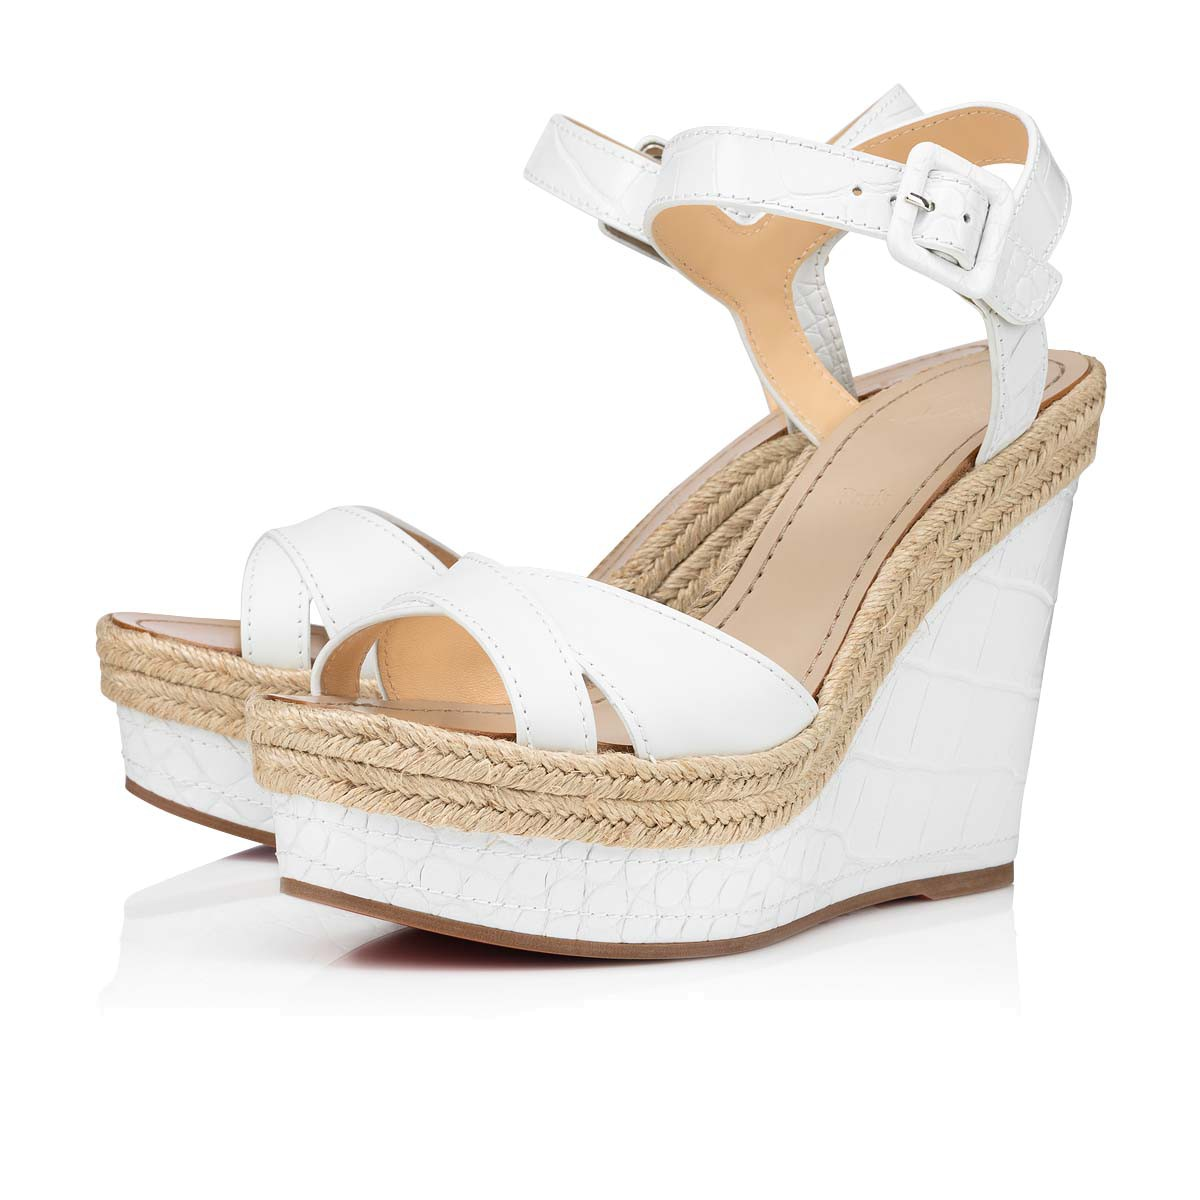 Shoes - Almerio - Christian Louboutin